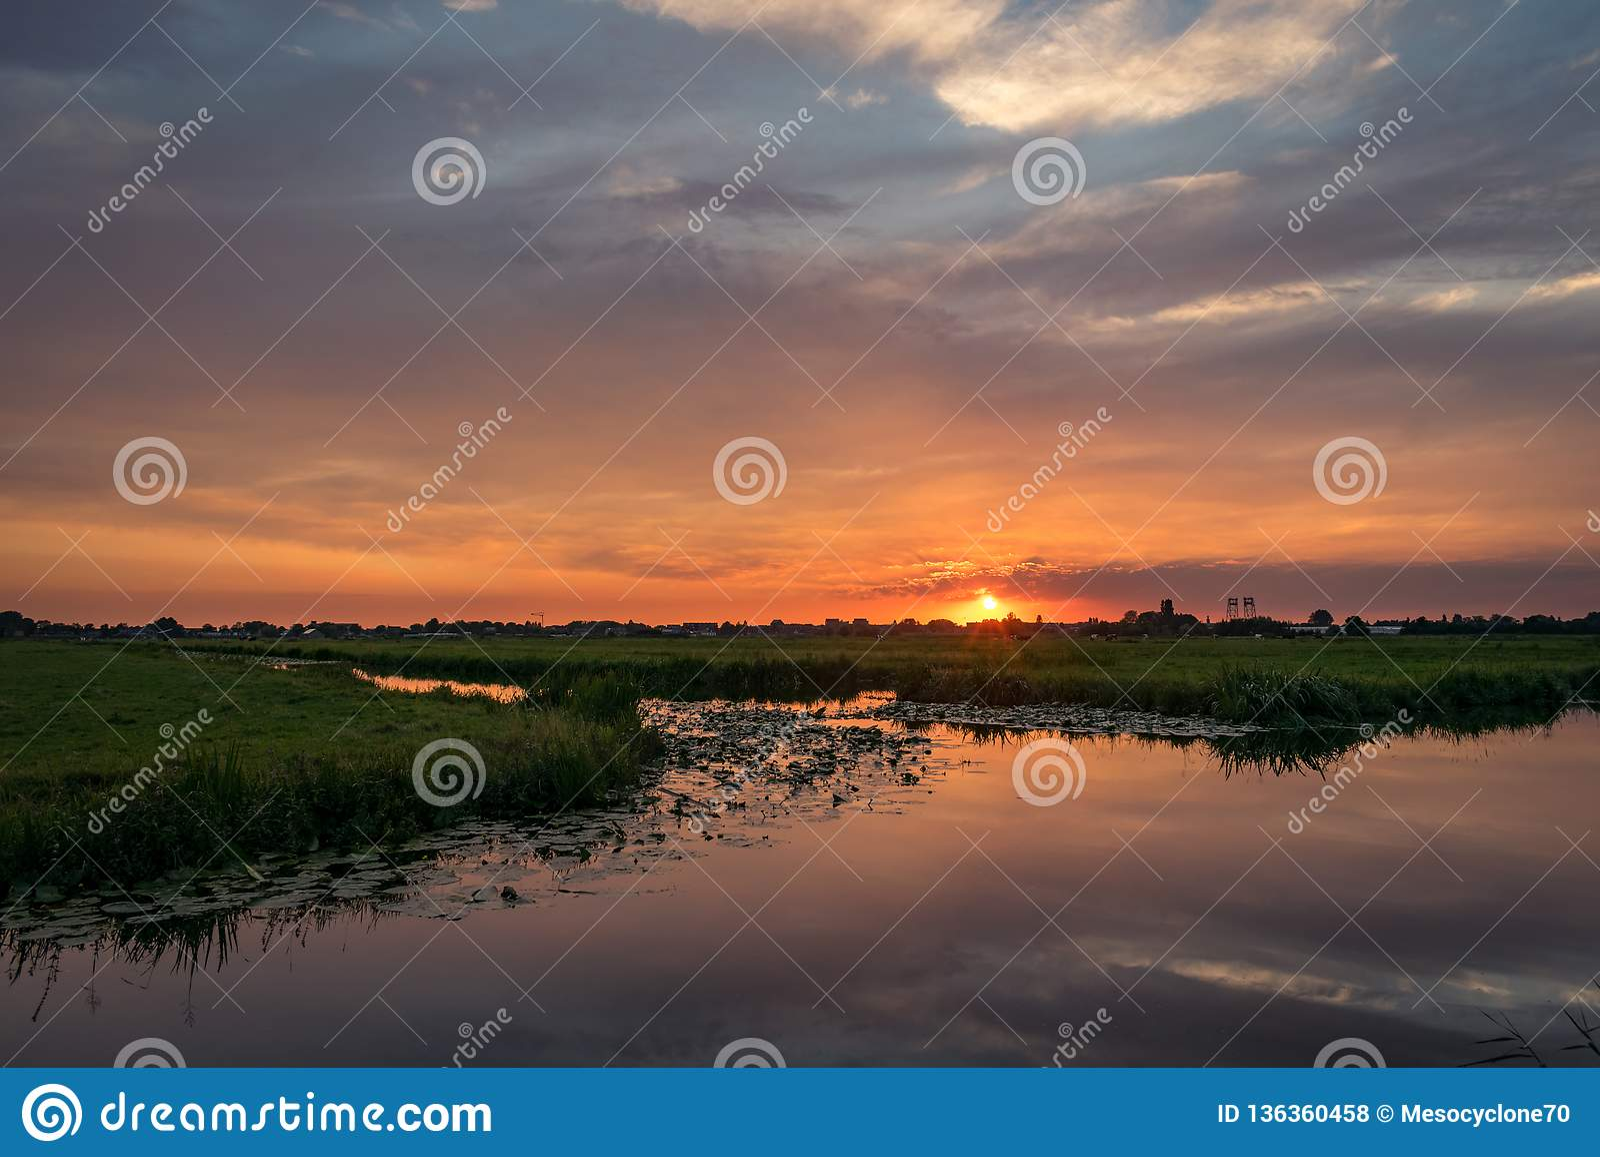 Il sole mette sull orizzonte della campagna olandese Un bello cielo colorato è riflesso nell acqua di un lago